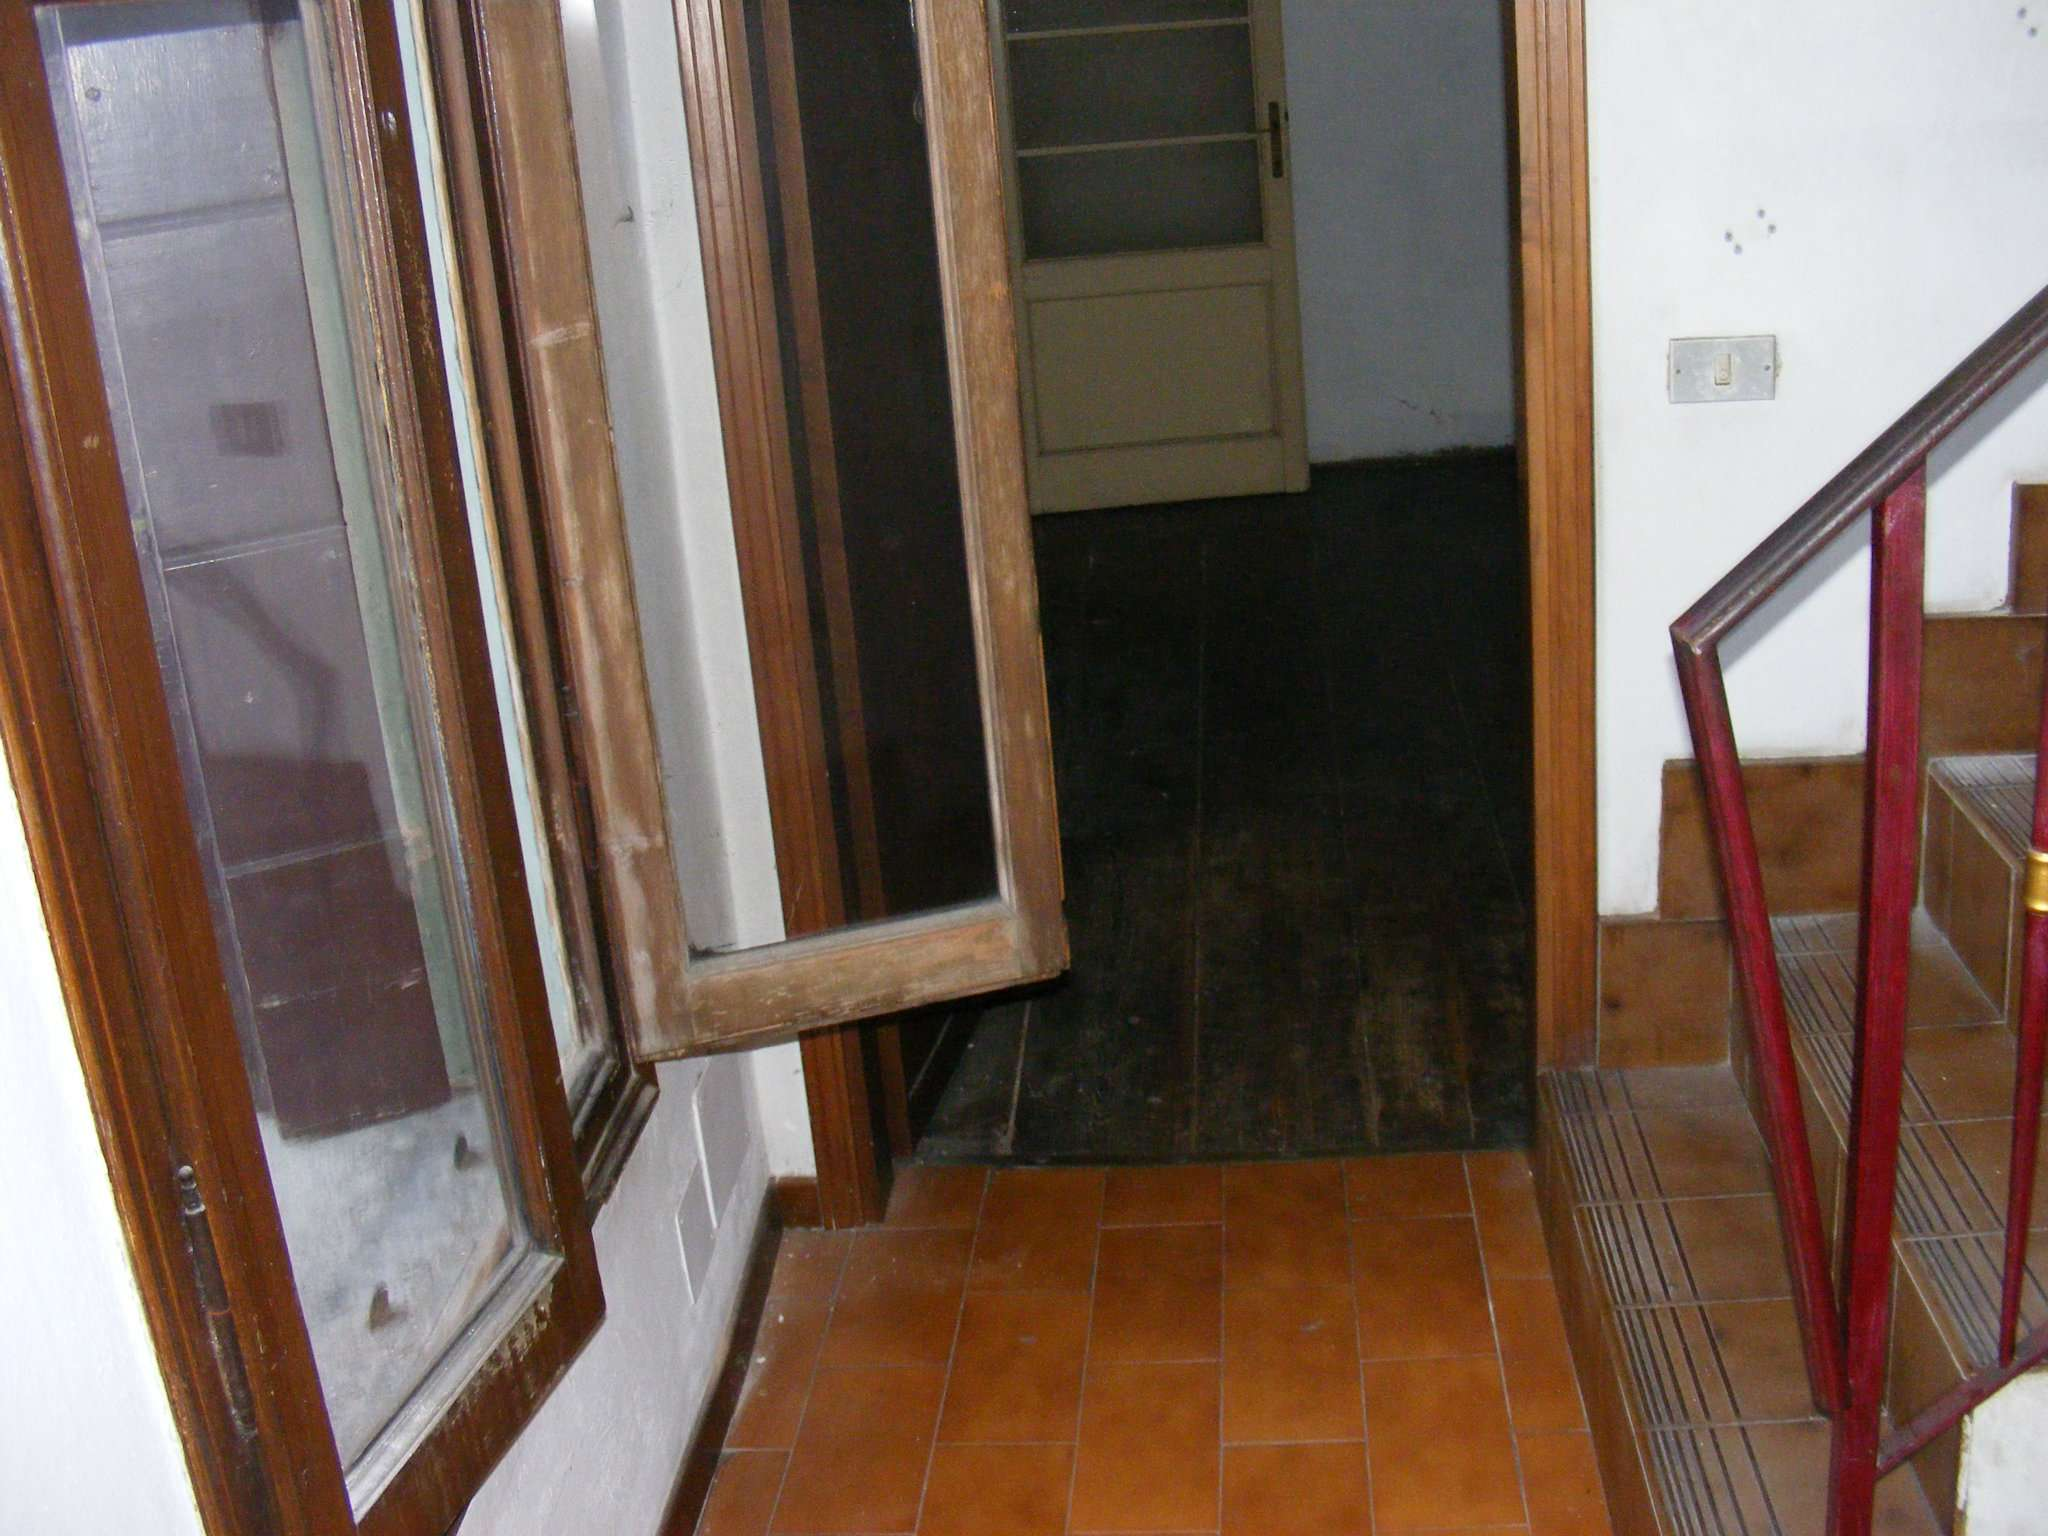 Soluzione Indipendente in vendita a Padova, 5 locali, zona Zona: 4 . Sud-Est (S.Croce-S. Osvaldo, Bassanello-Voltabarozzo), prezzo € 165.000 | Cambio Casa.it